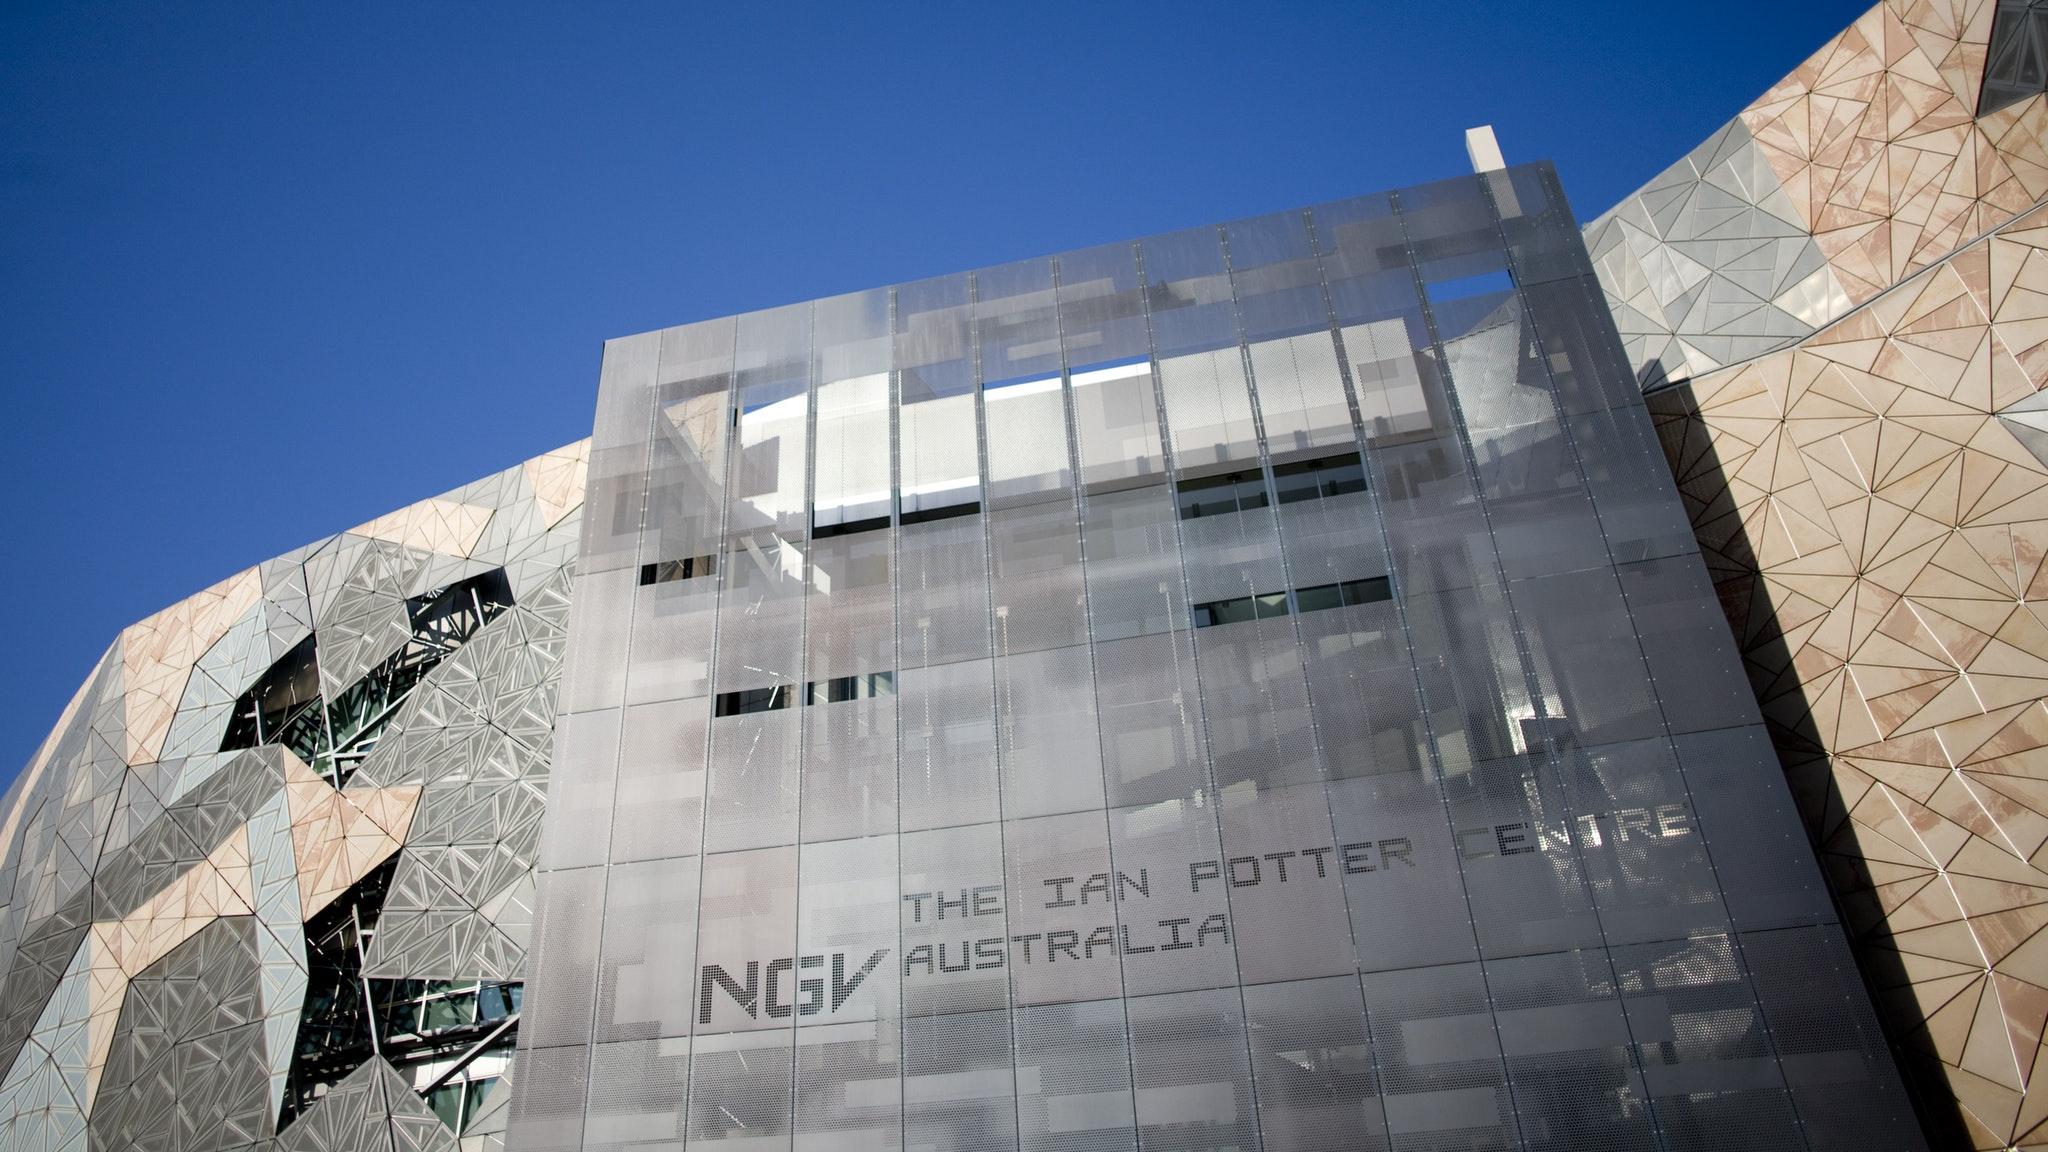 NGV International Melbourne, Victoria - SWAN TOURS AUSTRALIA